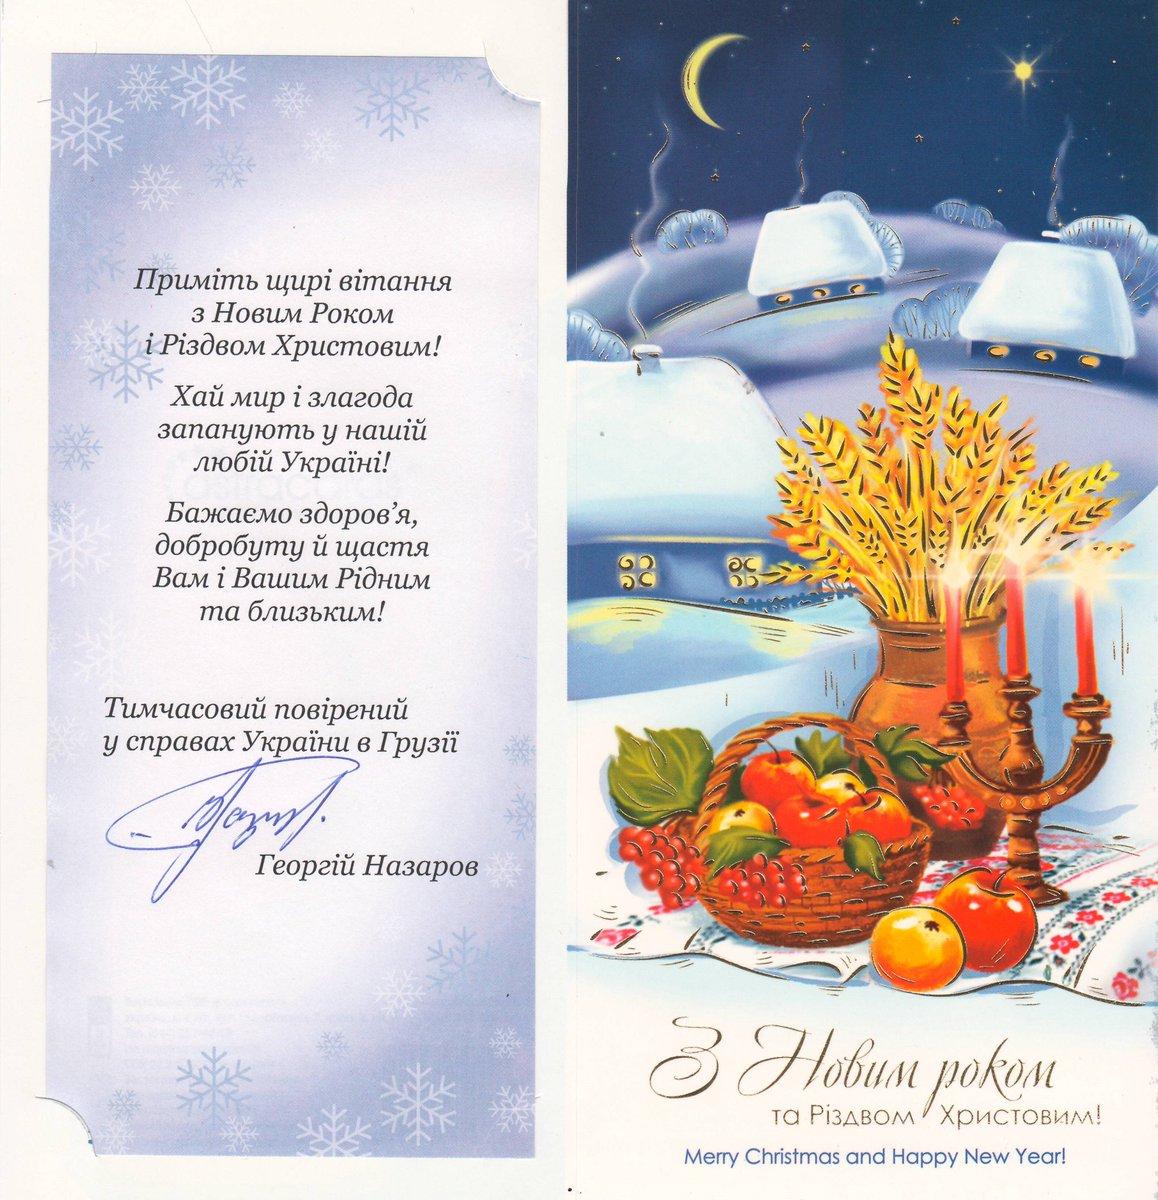 Посольство України в Грузії вітає всіх з Новим роком та Різдвом Христовим! Миру та злагоди! გილოცავთ შობა-ახალ წელს! https://t.co/RxjdA7C5cT